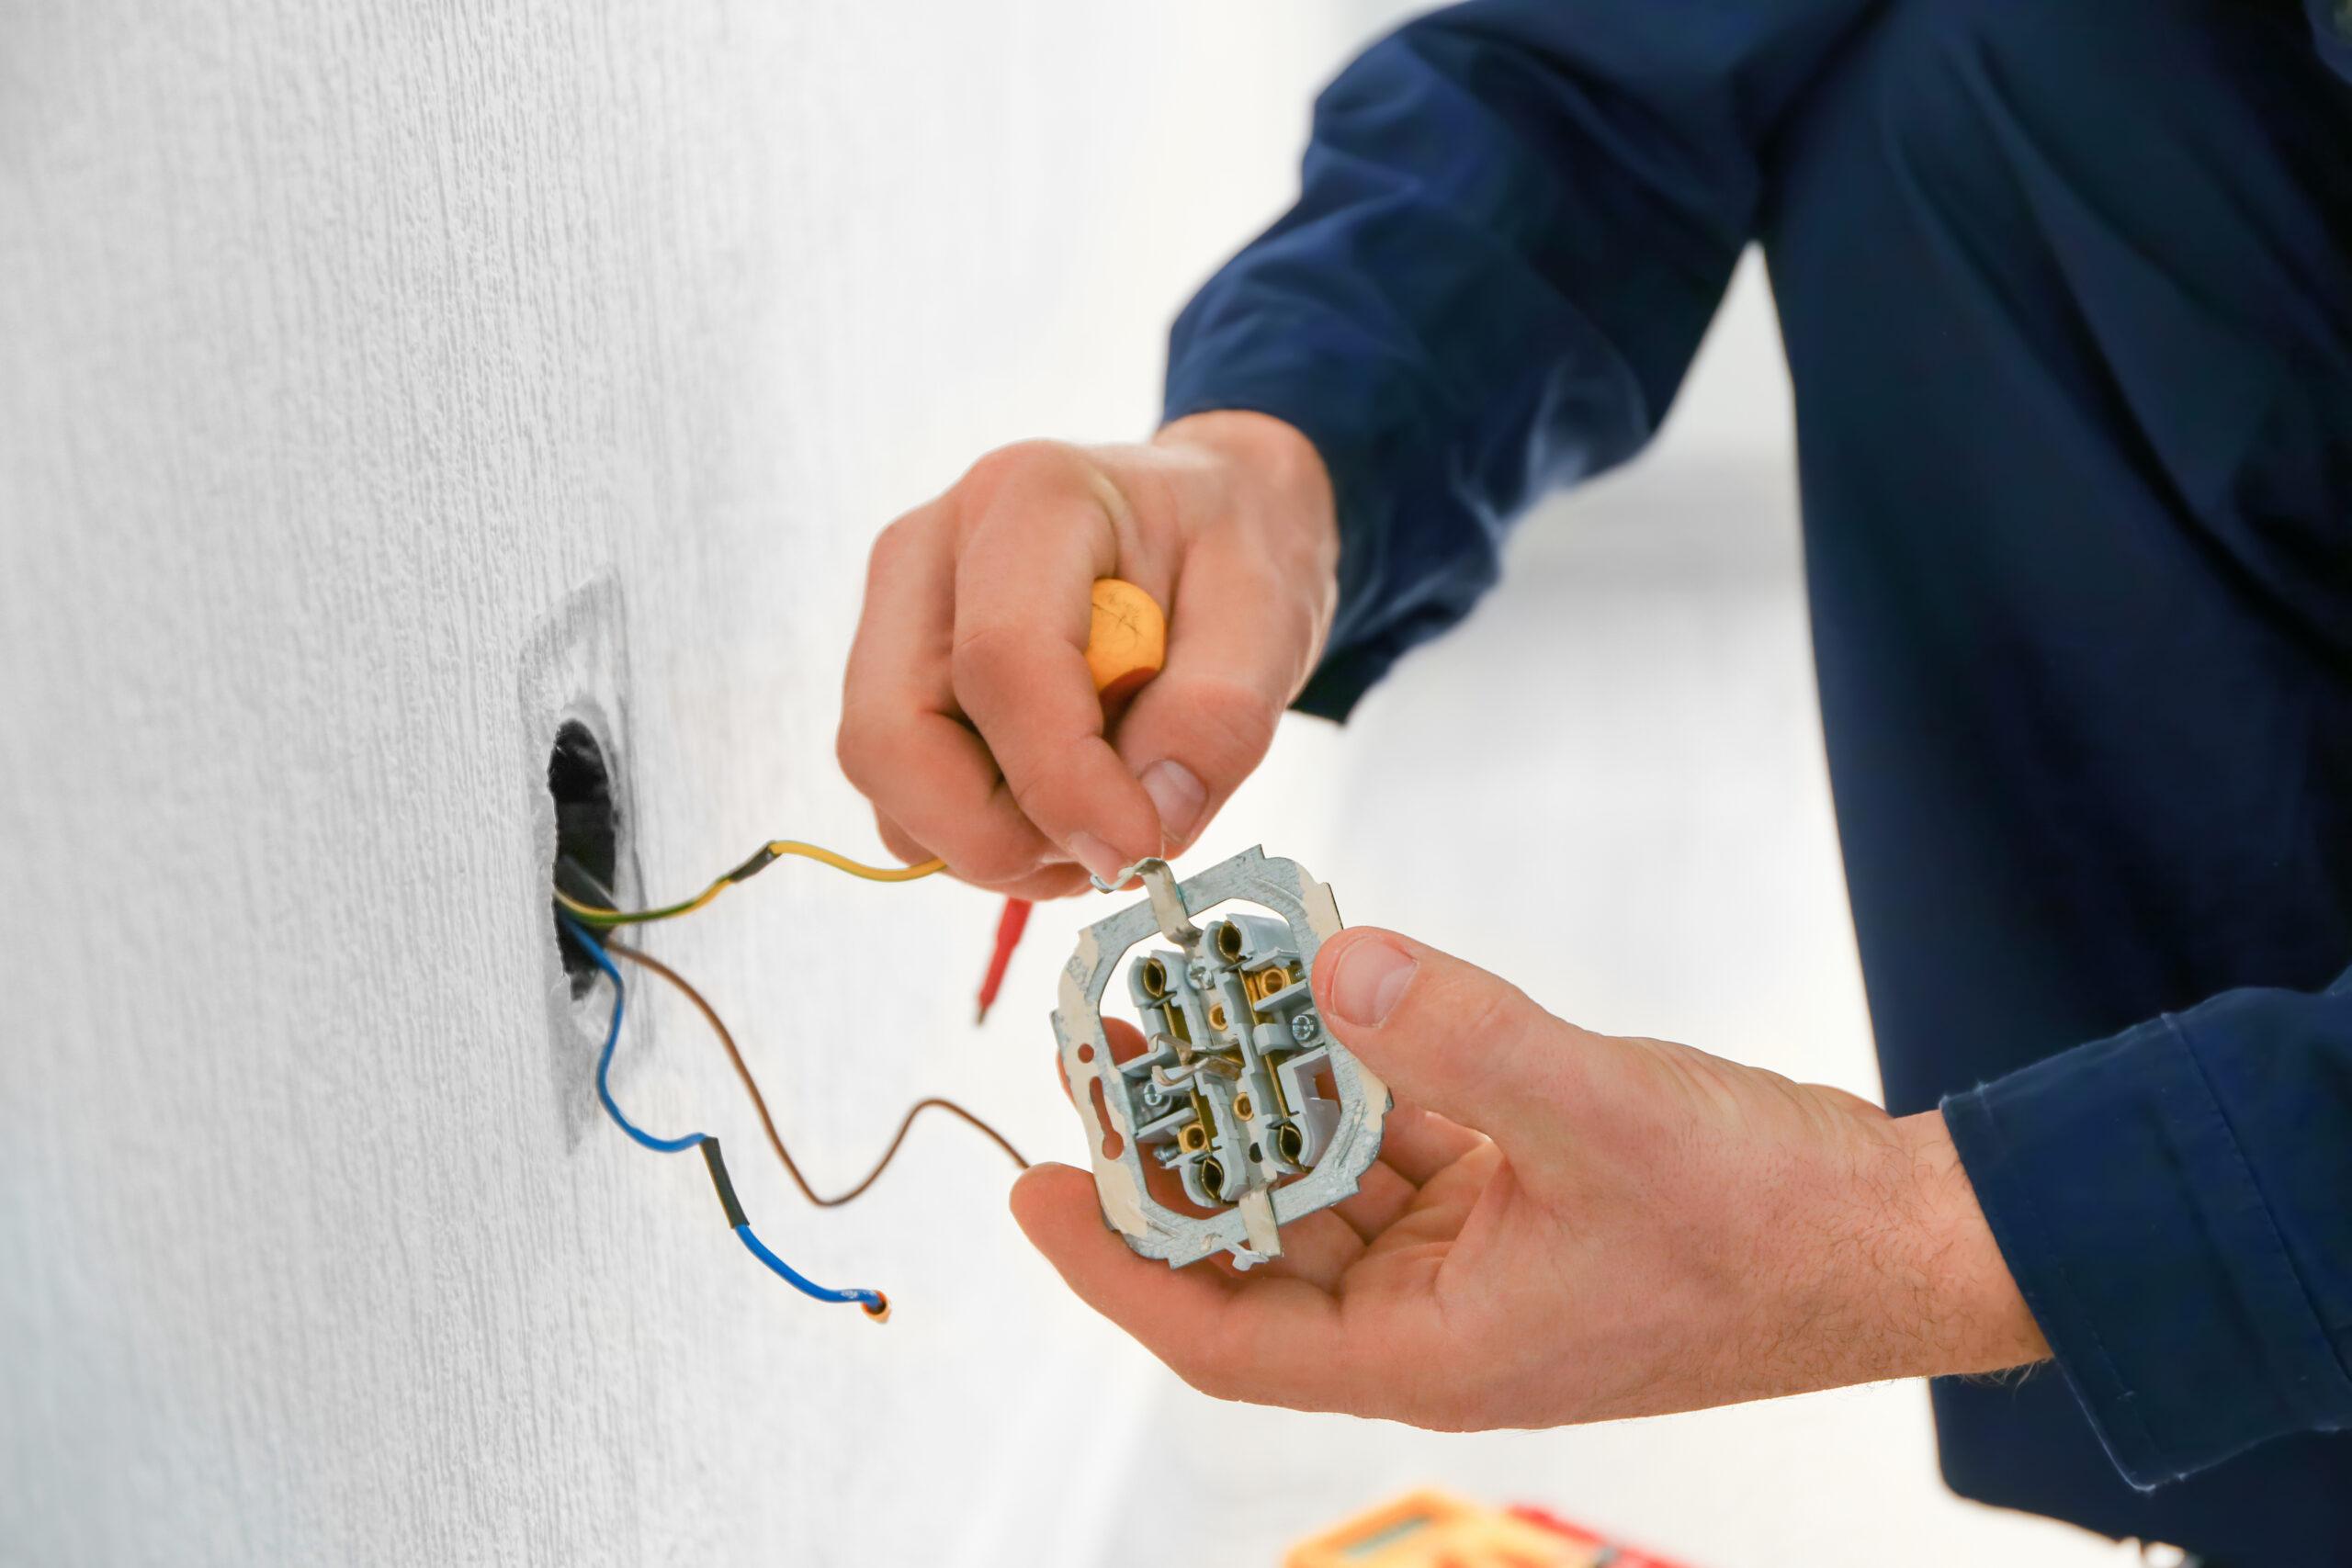 Panne d'électricité : qui consulter pour un dépannage rapide?